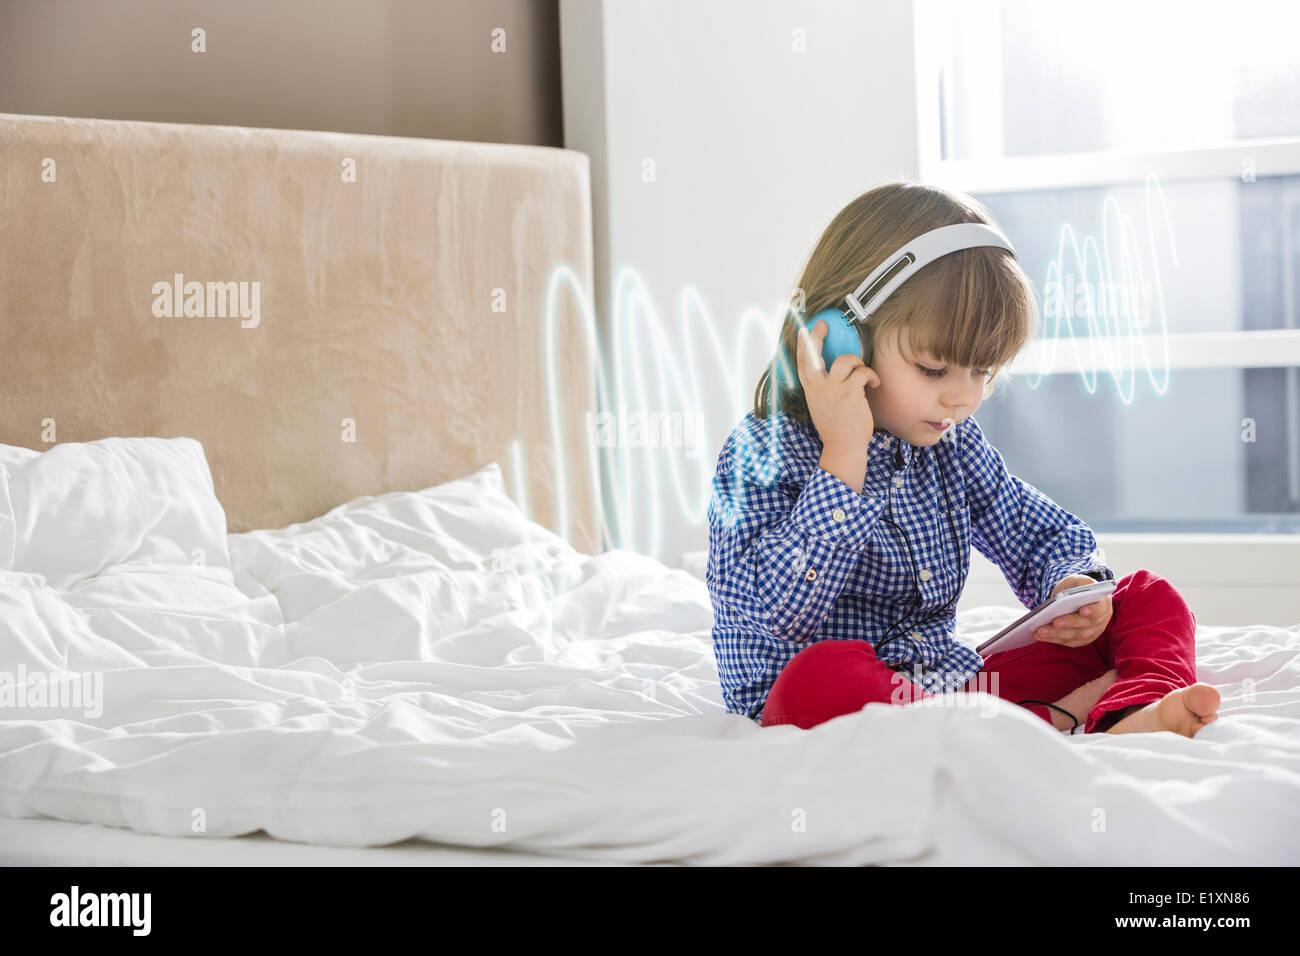 Gesamte Länge der junge Musik hören über Kopfhörer auf Bett Stockbild